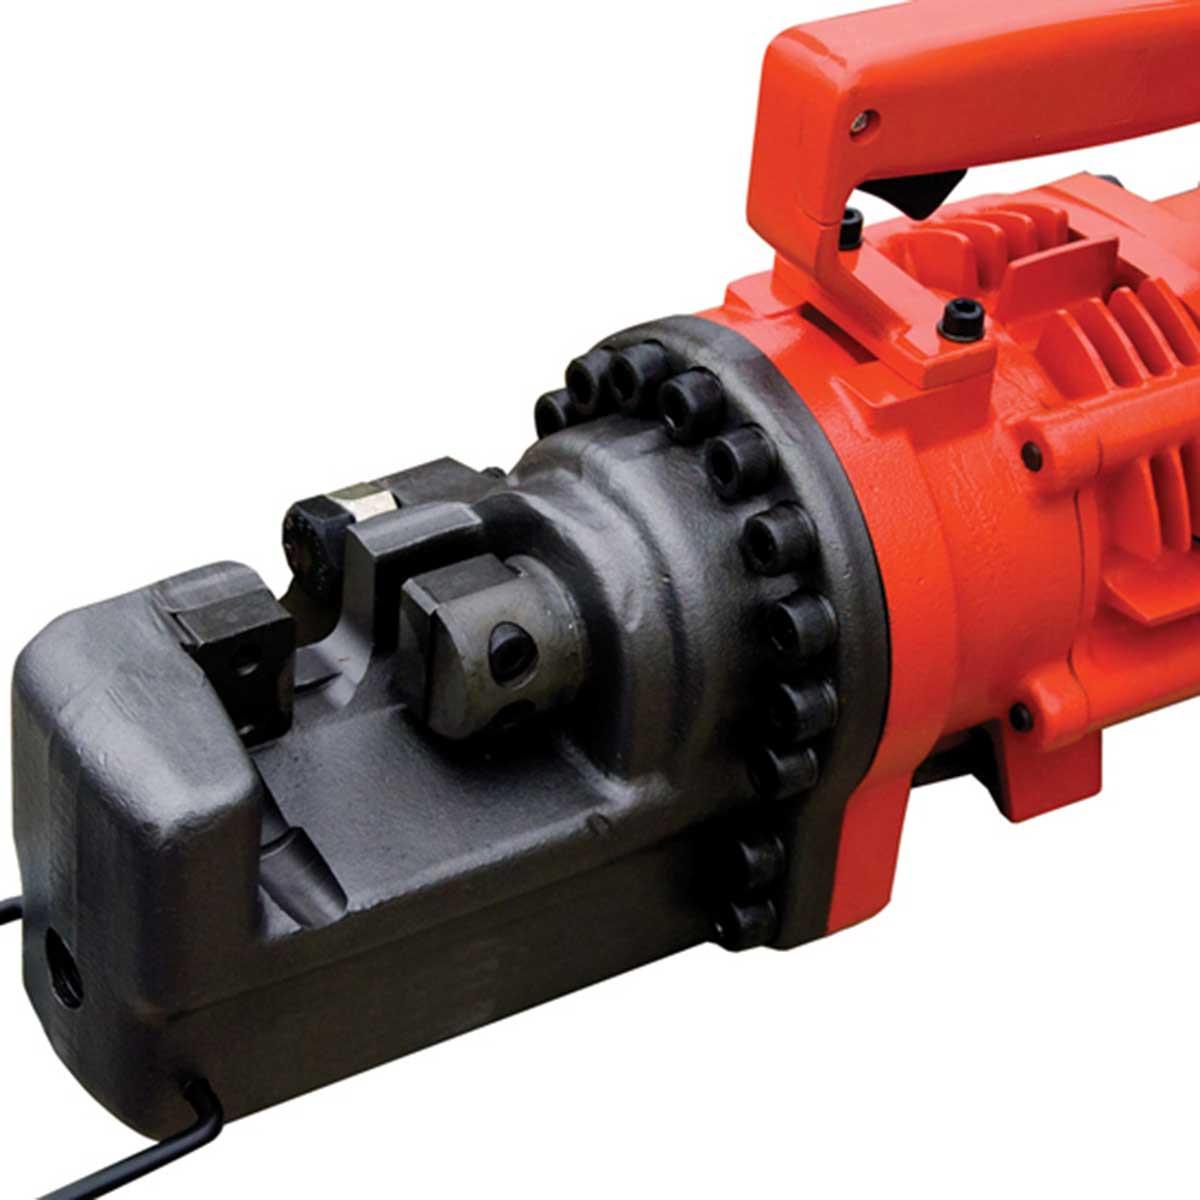 HBC25B Multiquip Rebar Cutter 1